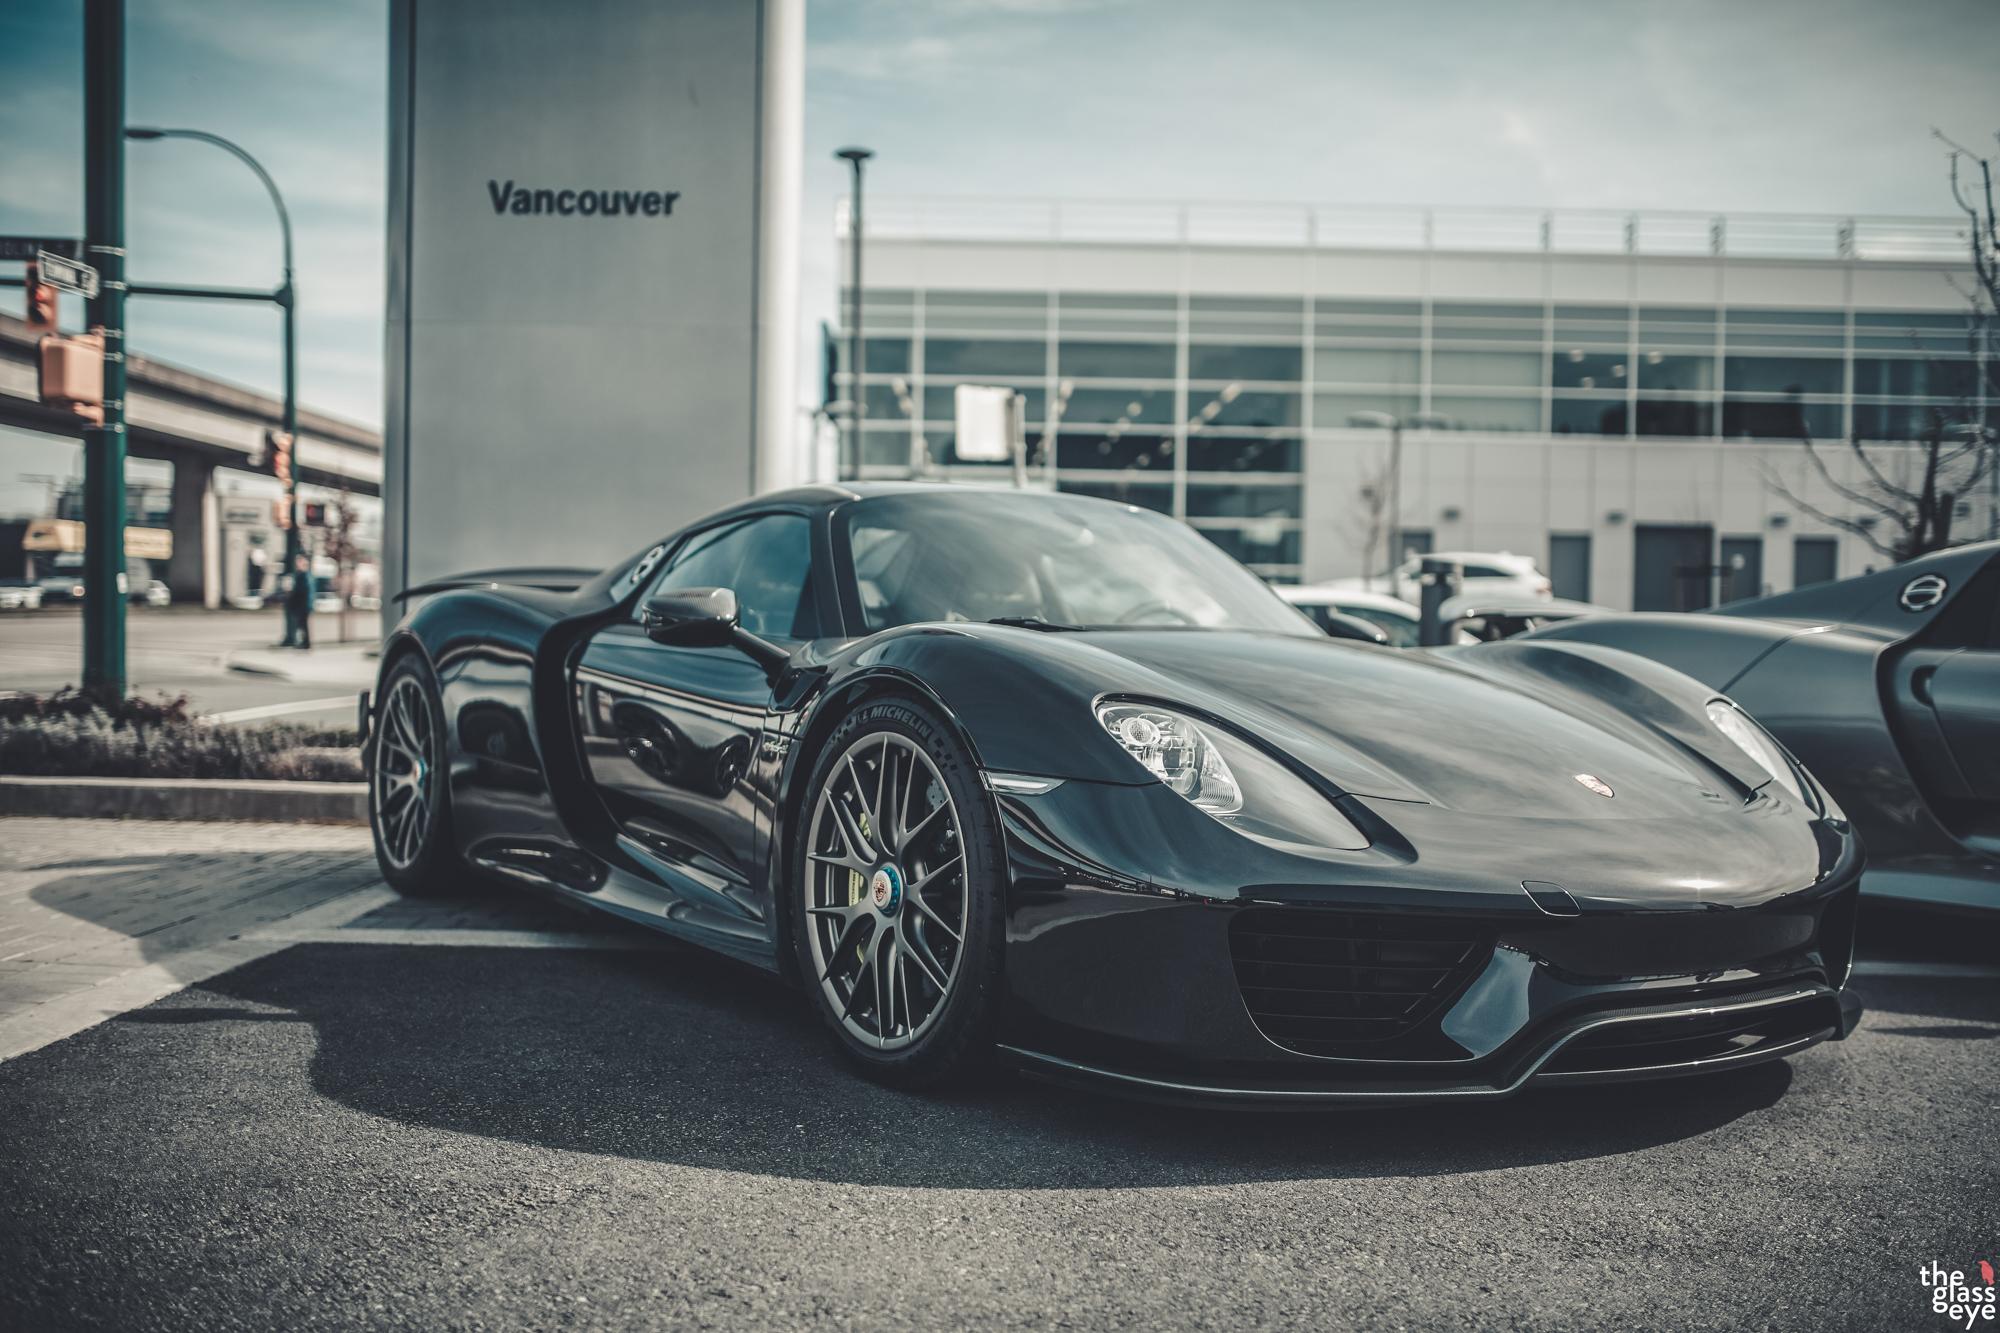 Porsche_Vancouver_918006.jpg